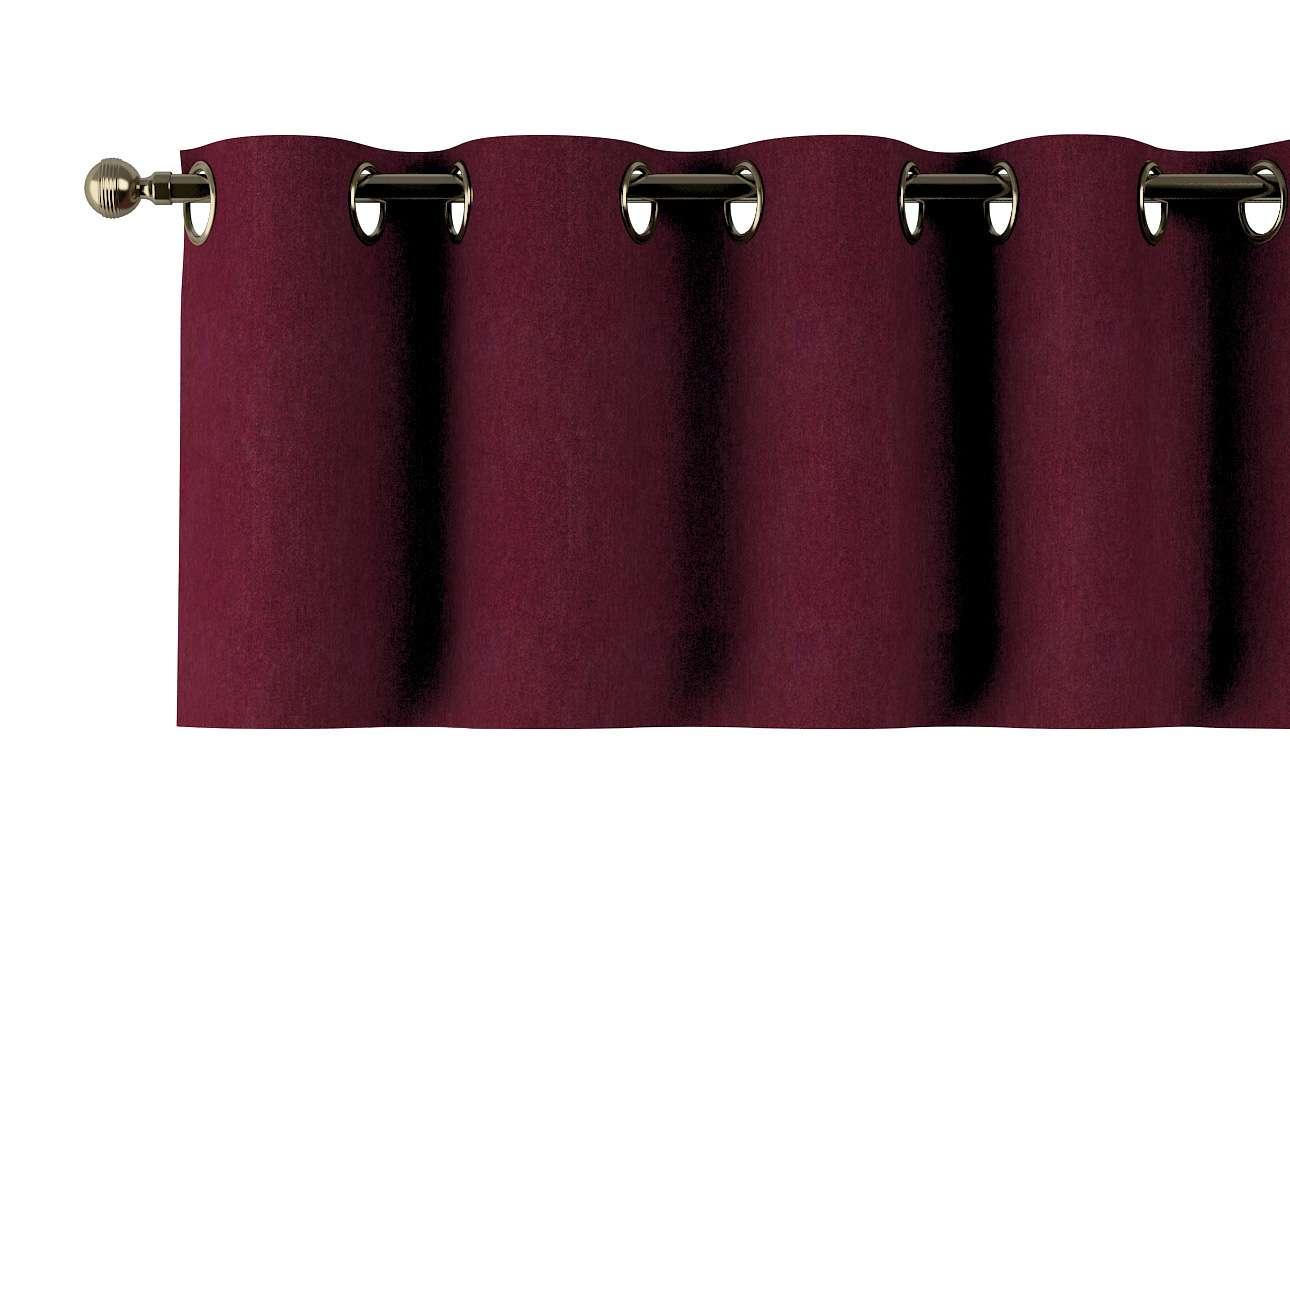 Trumpa užuolaidėlė (lambrekenas) žiedinis klostavimas 130x40cm kolekcijoje Chenille, audinys: 702-19